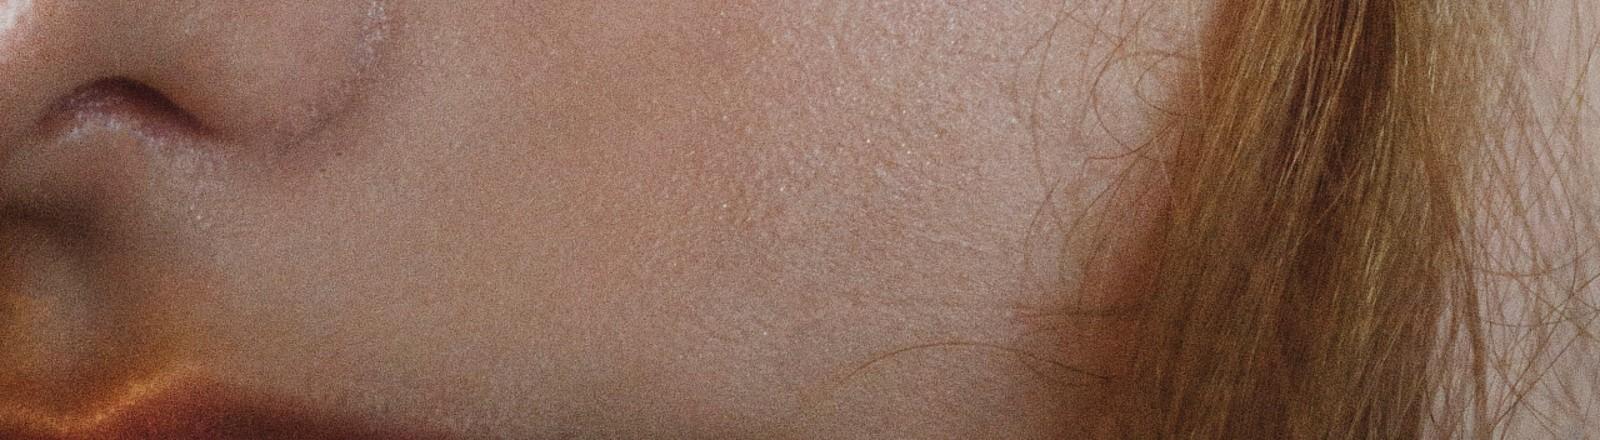 Das Gesicht einer Frau in Nahaufnahme. Ihre Poren sind zu sehen.